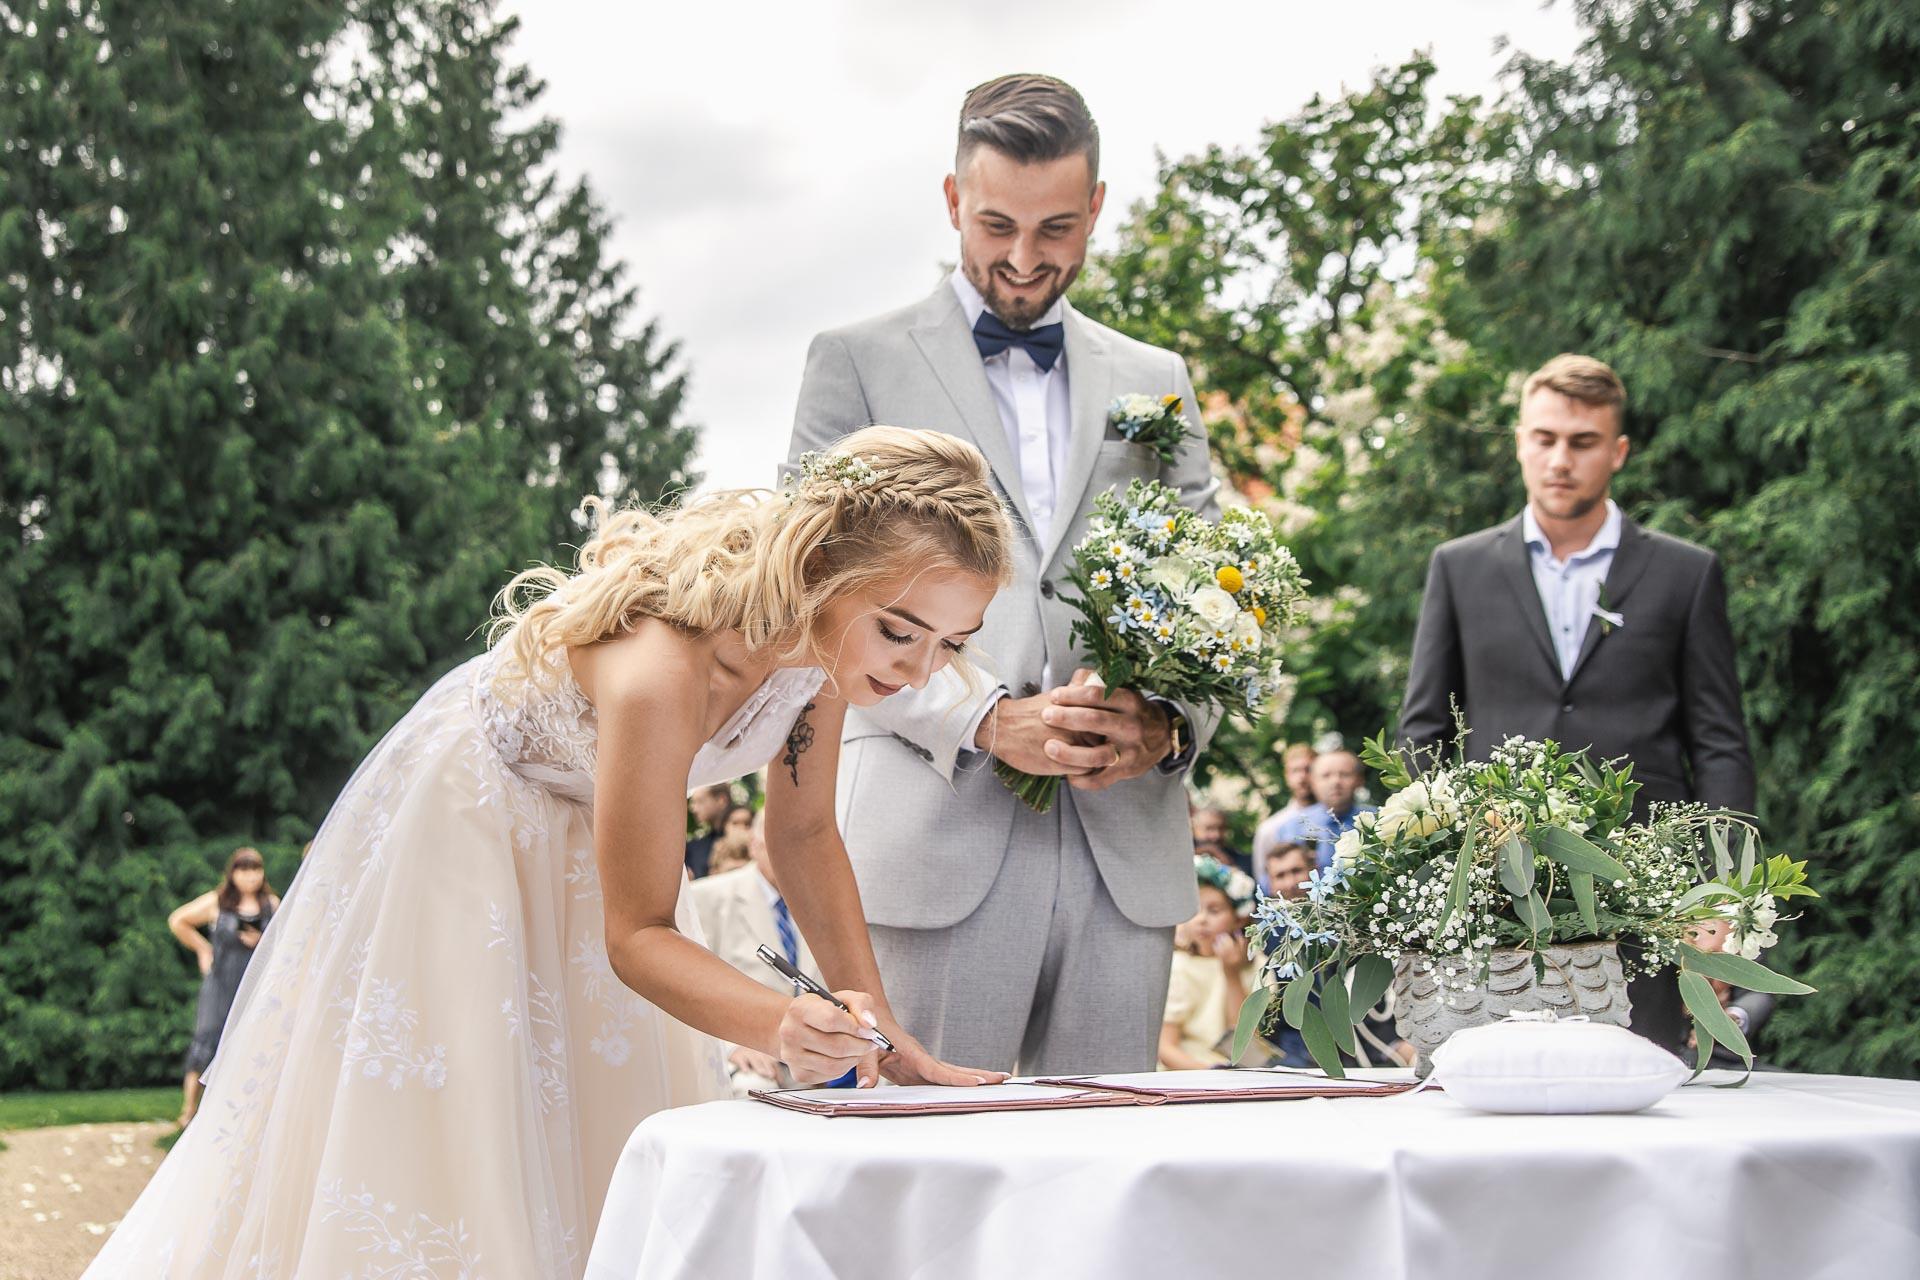 svatební-fotograf-zámek-Loučeň-svatební-video-zámek-Loučeň-3679